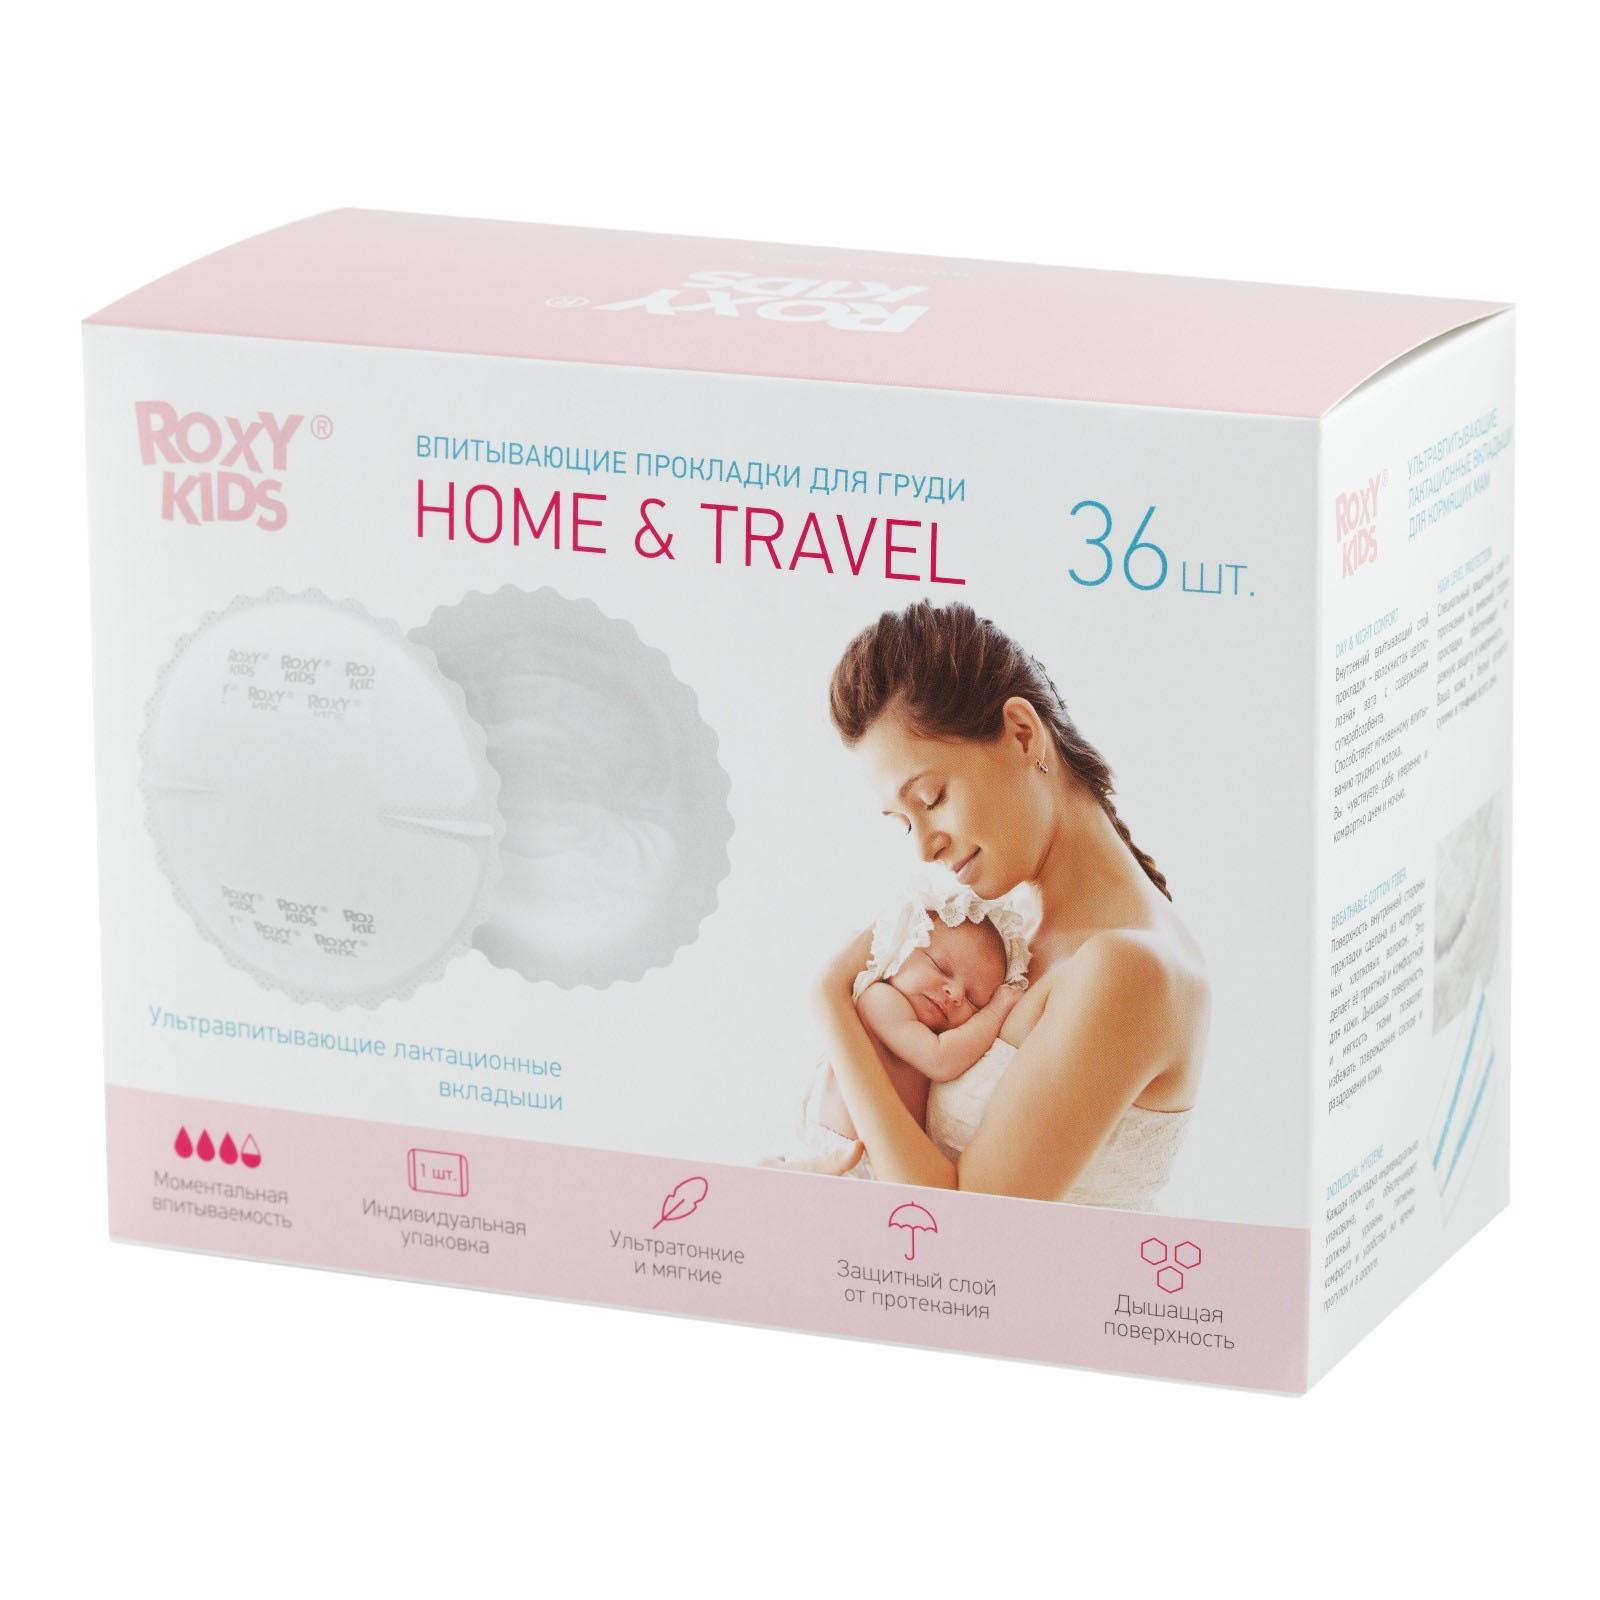 Купить Roxy-kids Ультратонкие лактационные прокладки для груди Home&Travel, 36 шт., Россия